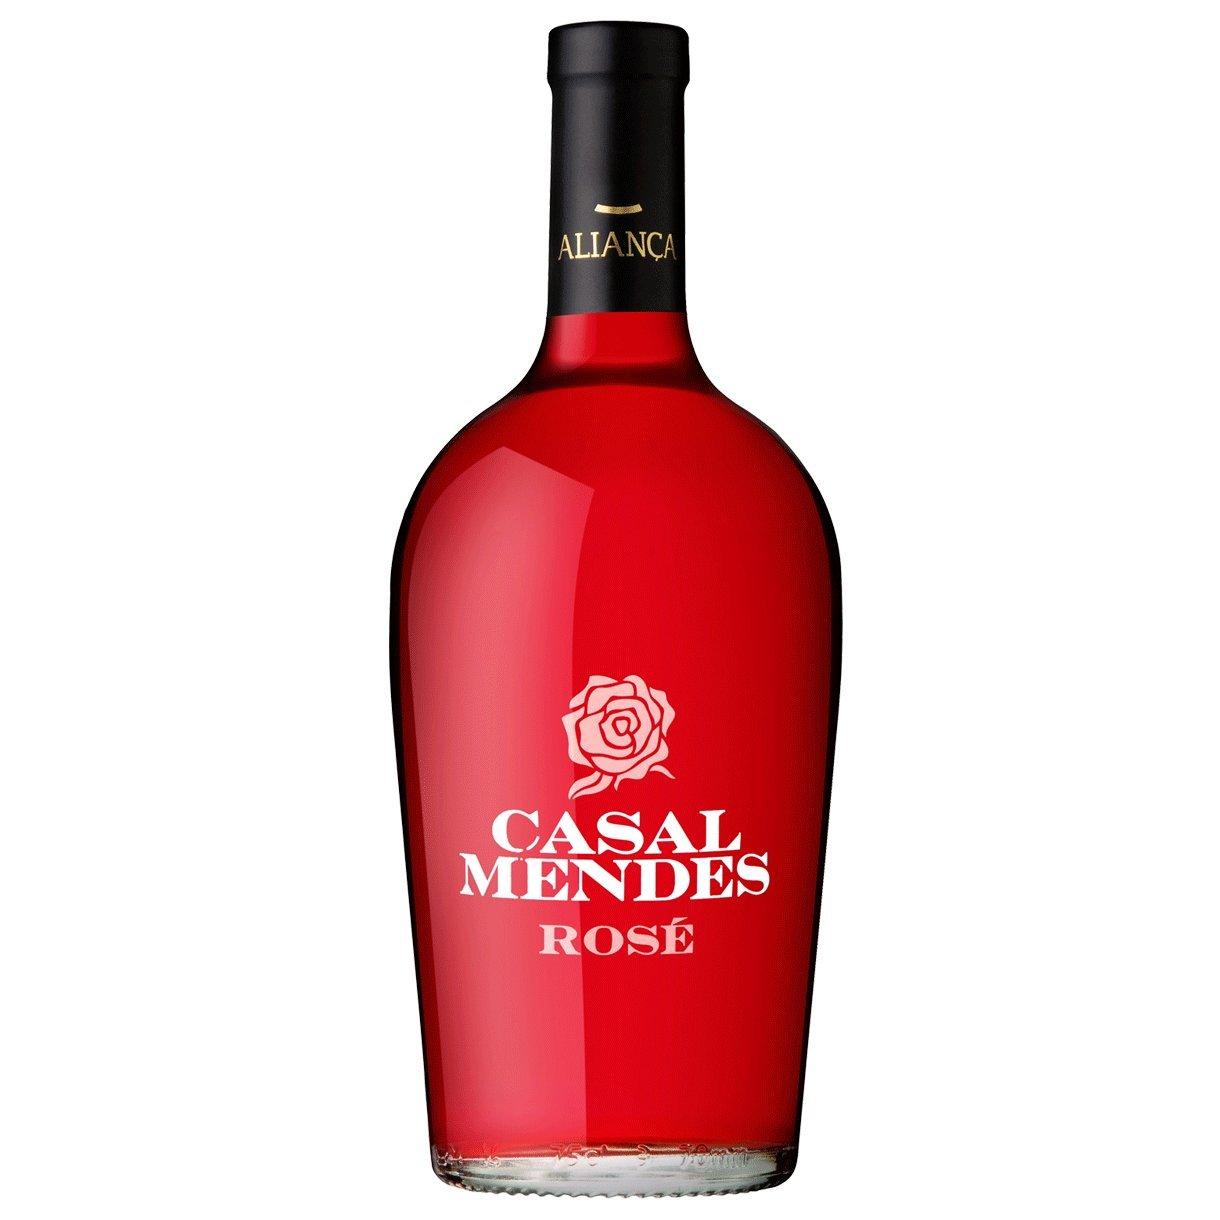 Vin Rosé Casal Mendes pas cher